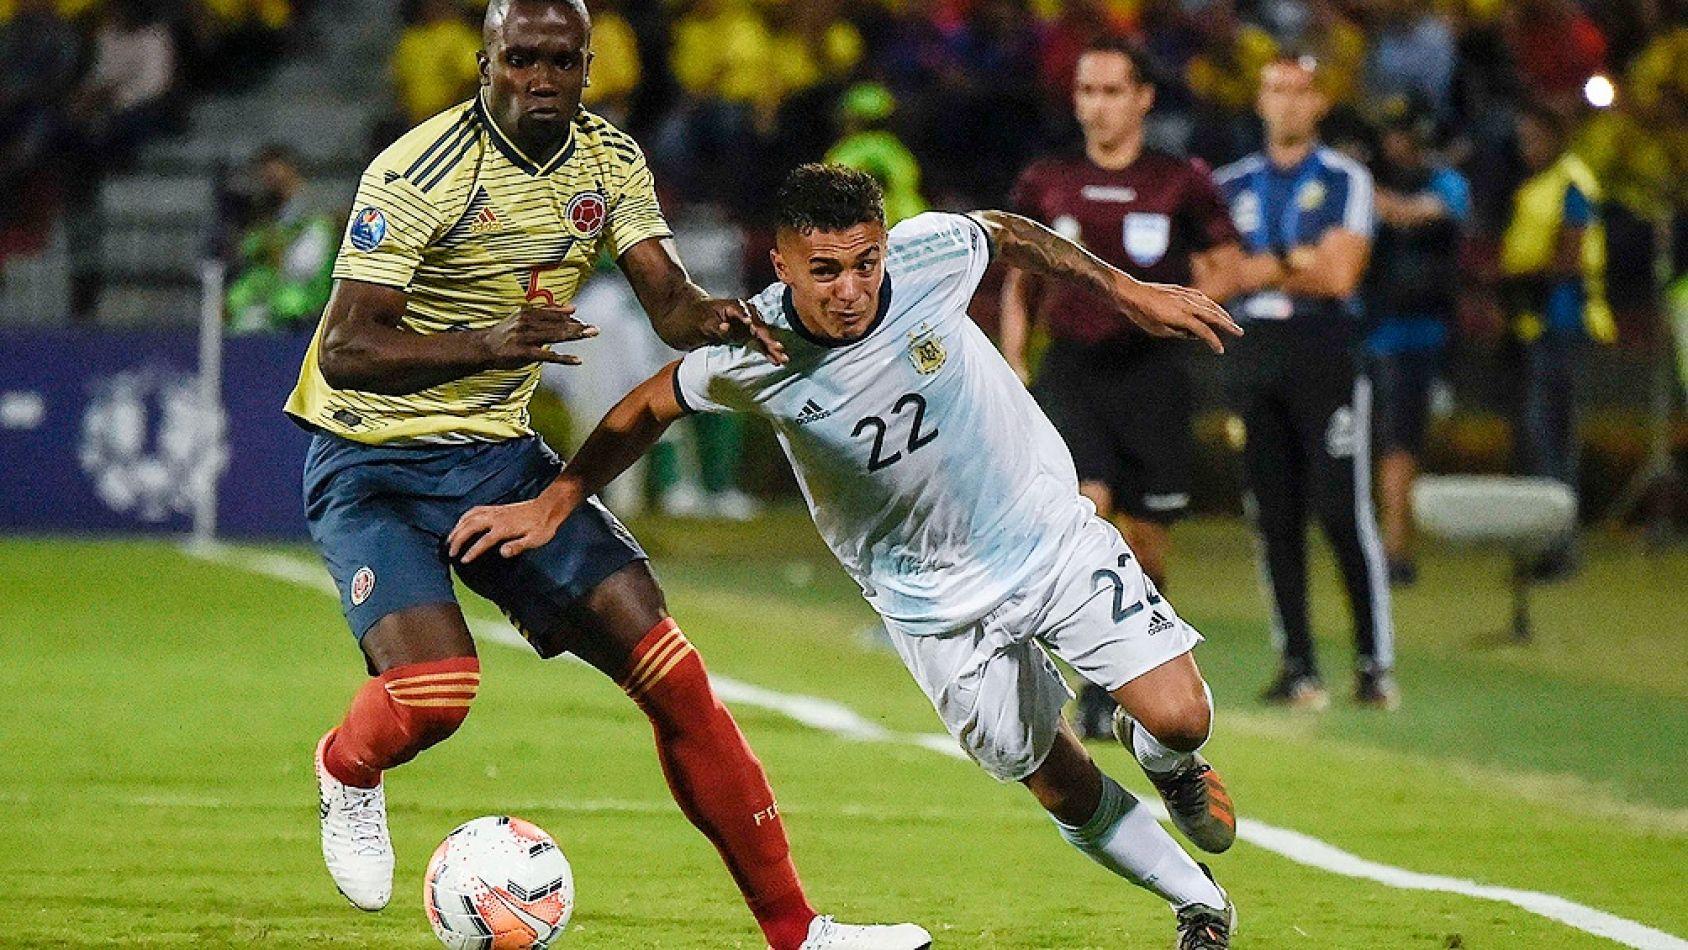 Argentina no pudo sostener la ventaja y Colombia llegó al empate en el final